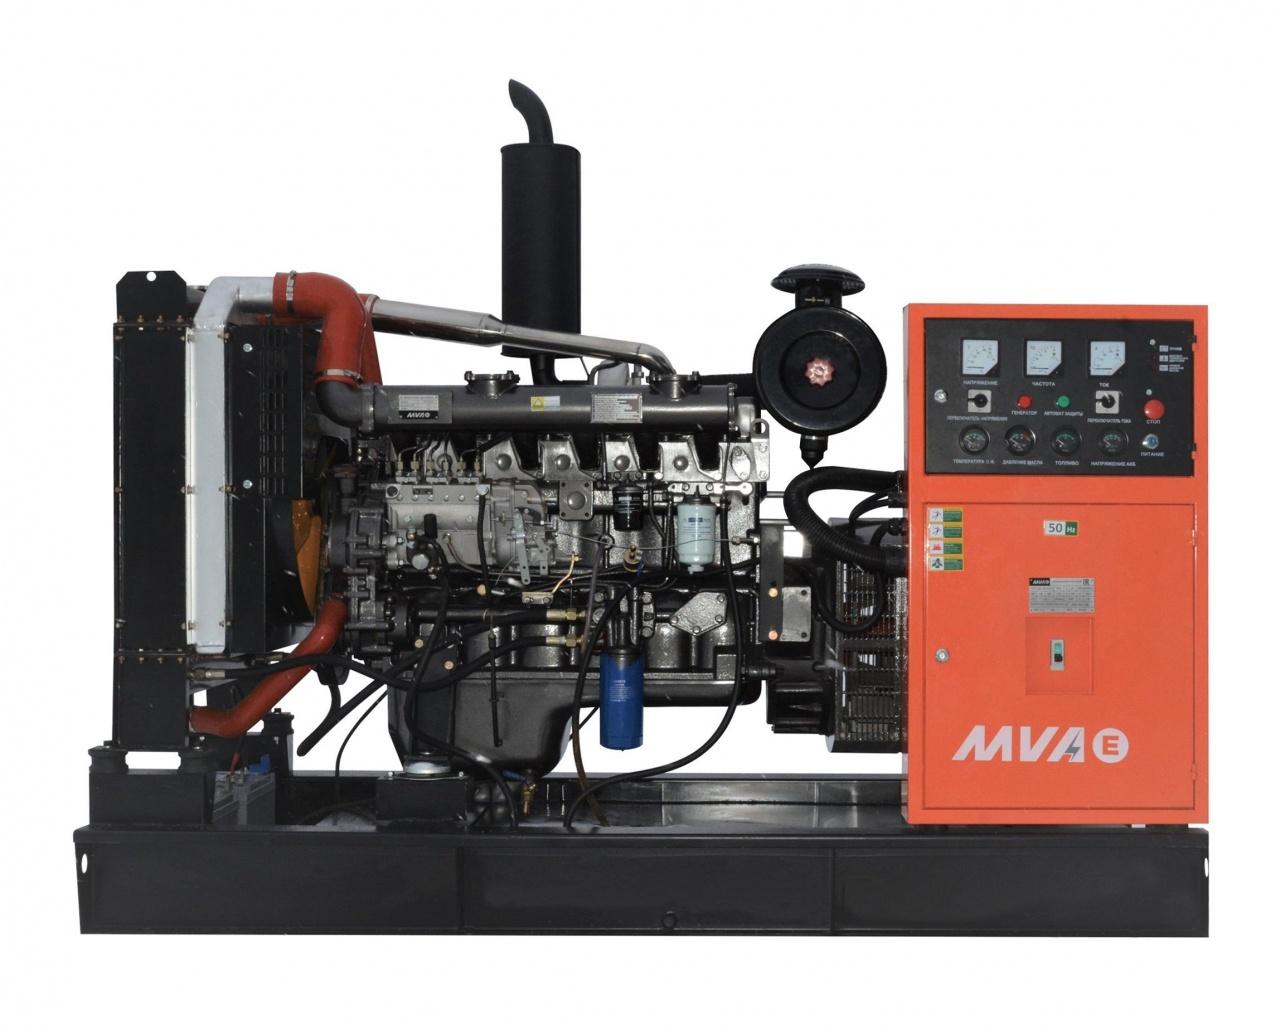 дизельная электростанция mvae ад-100-400-р